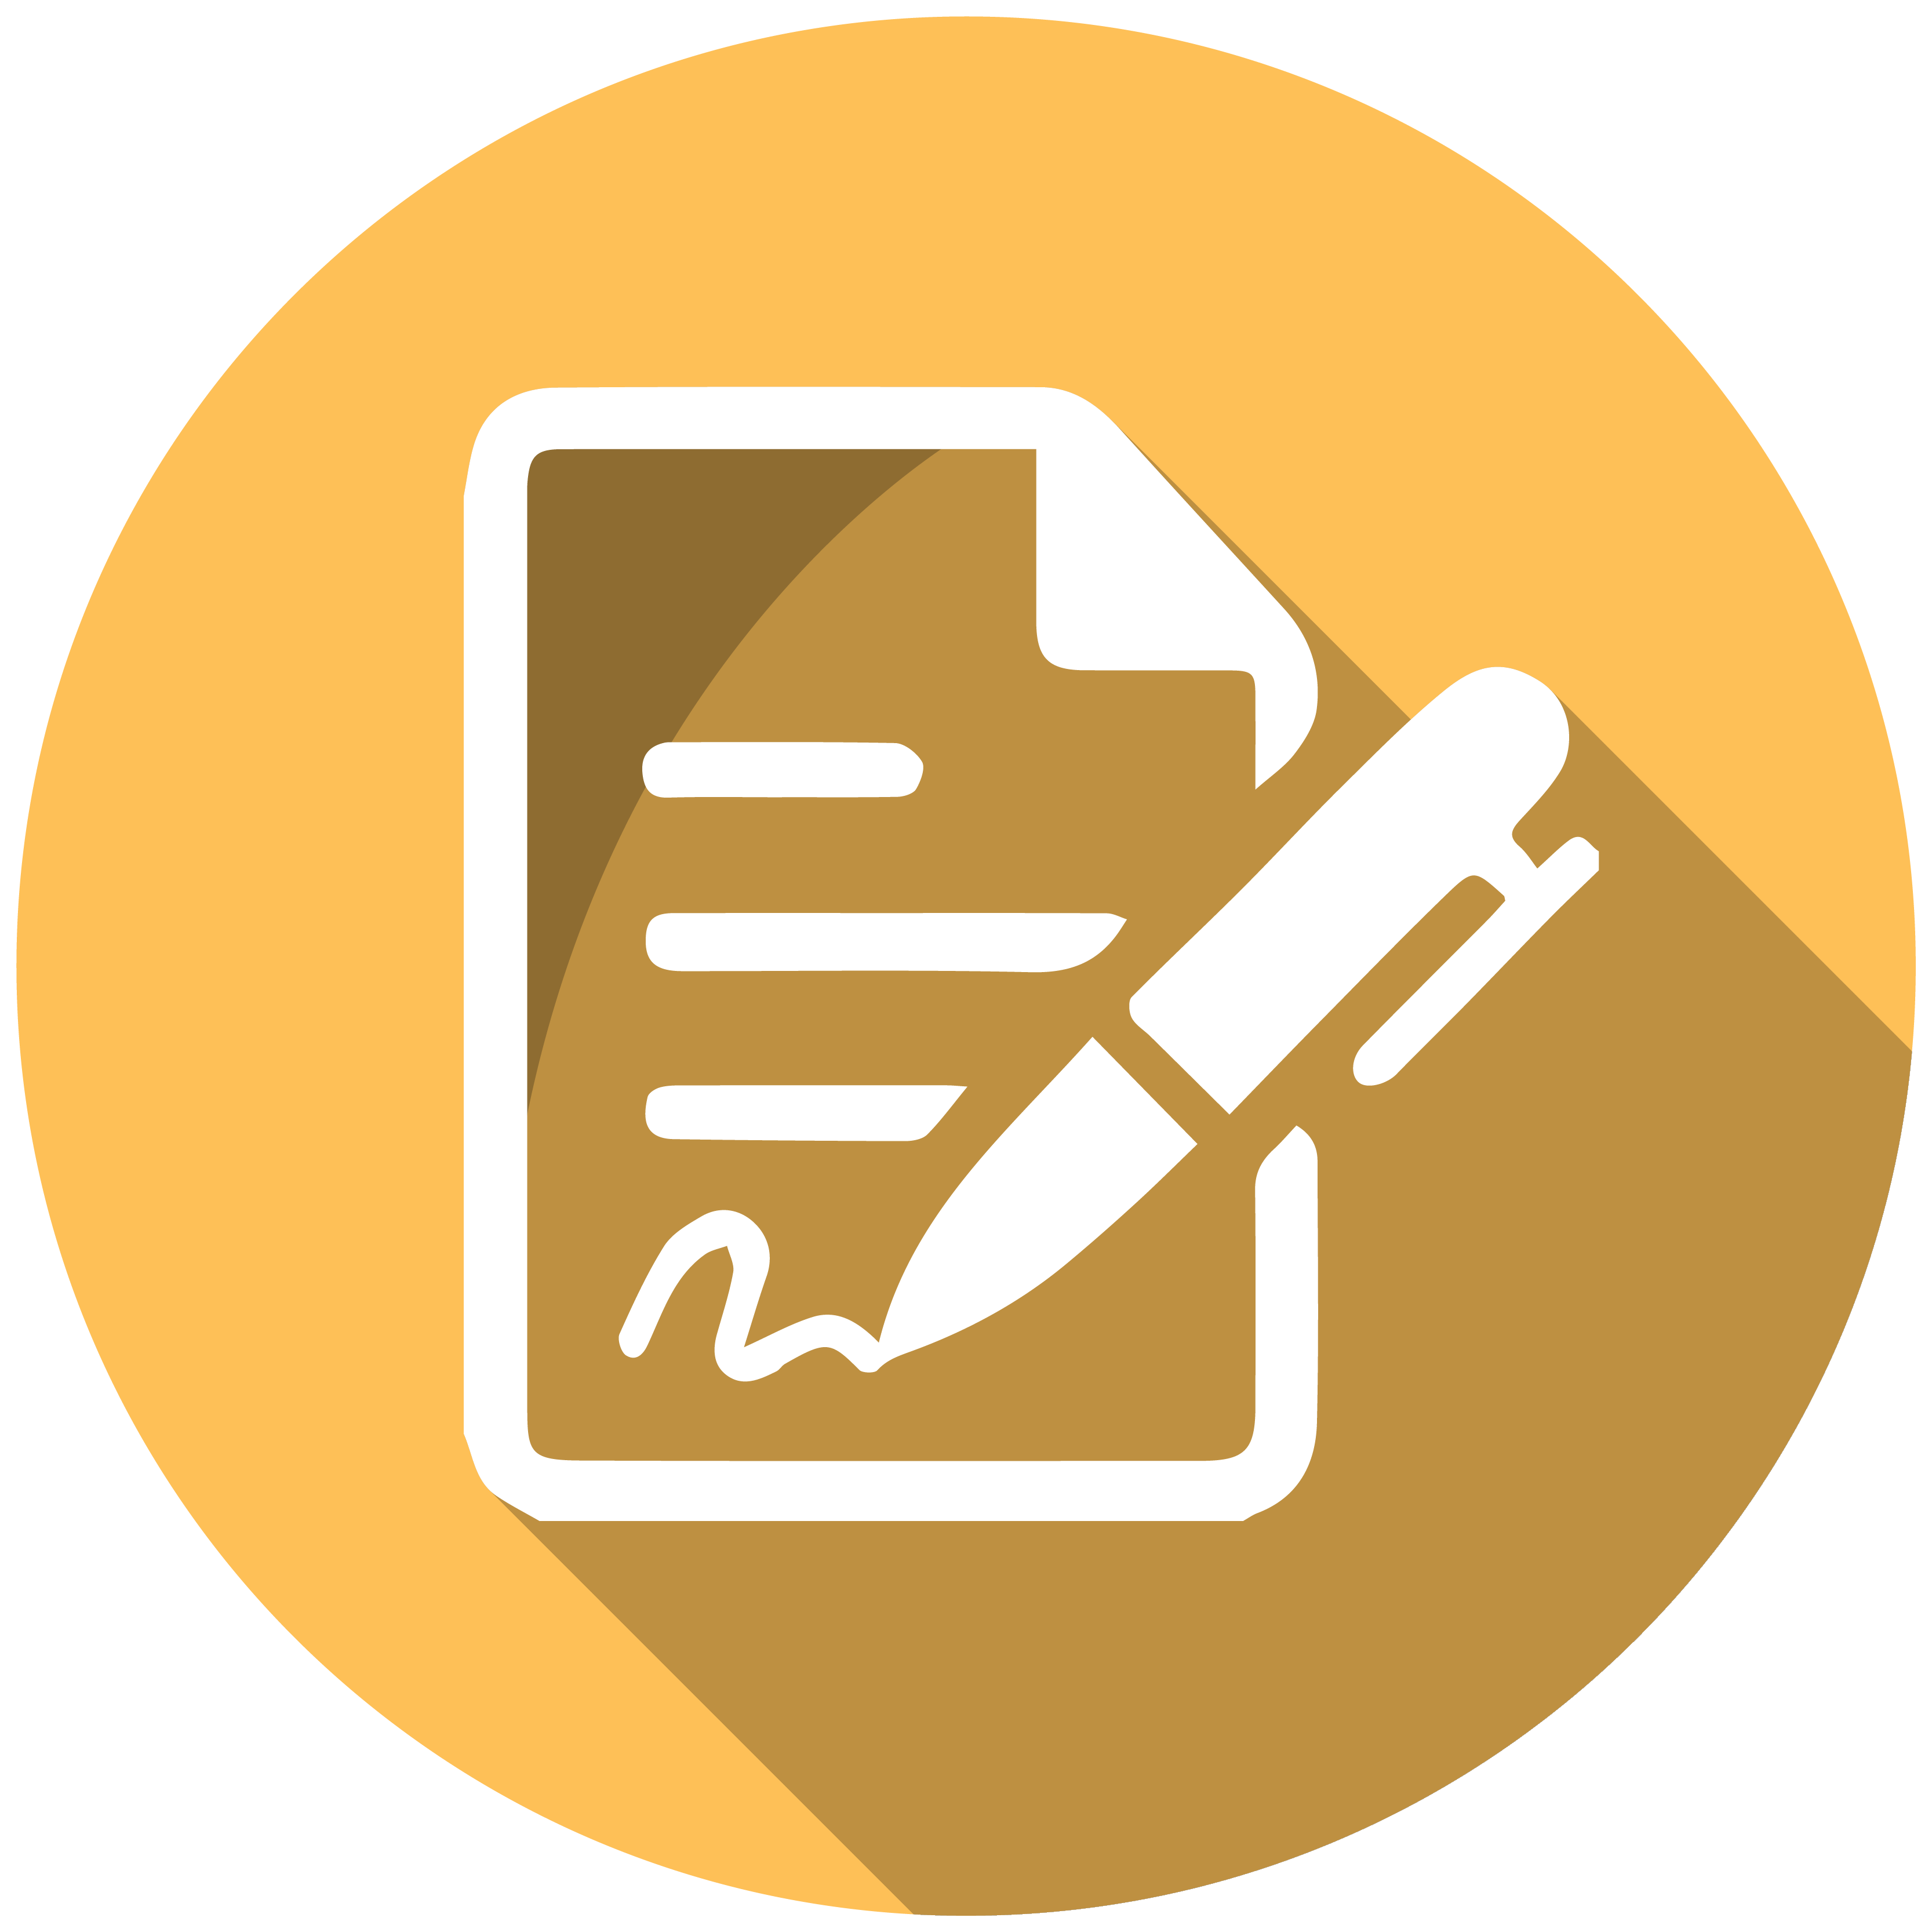 نمونه سوالات استخدامی دستگاه های اجرایی خوشه امور مالی به همراه پاسخنامه